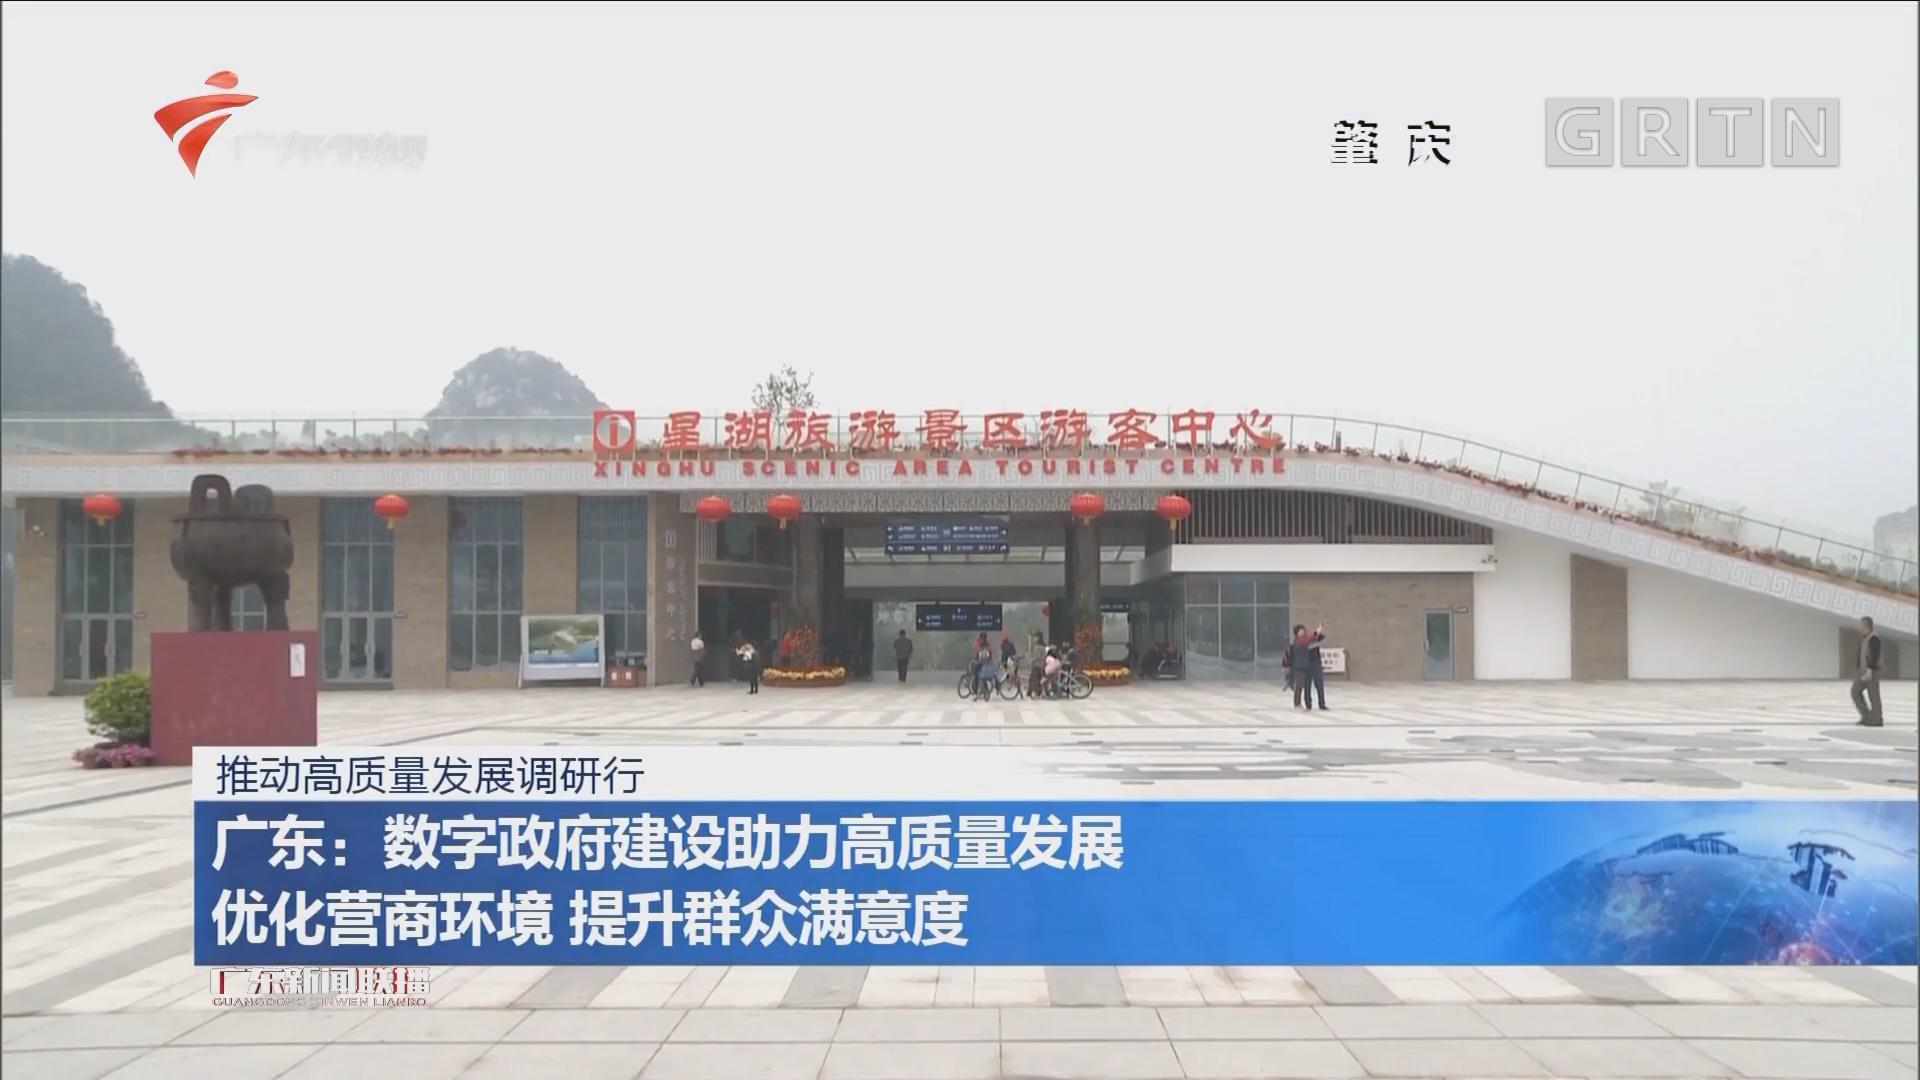 广东:数字政府建设助力高质量发展 优化营商环境 提升群众满意度